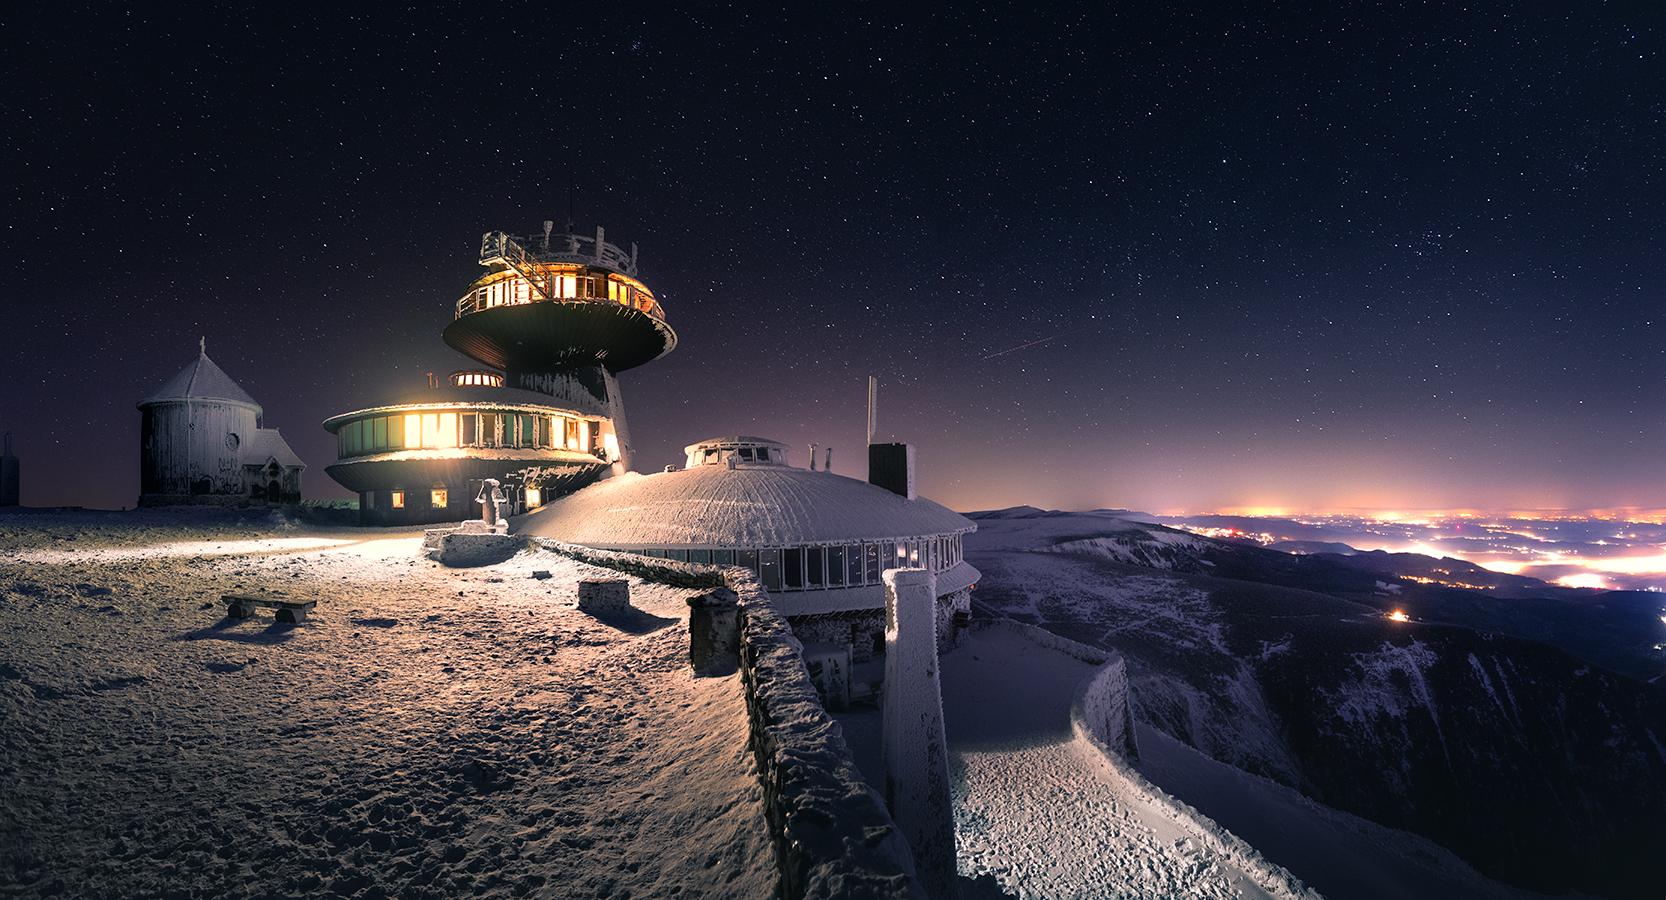 Śnieżka nocą